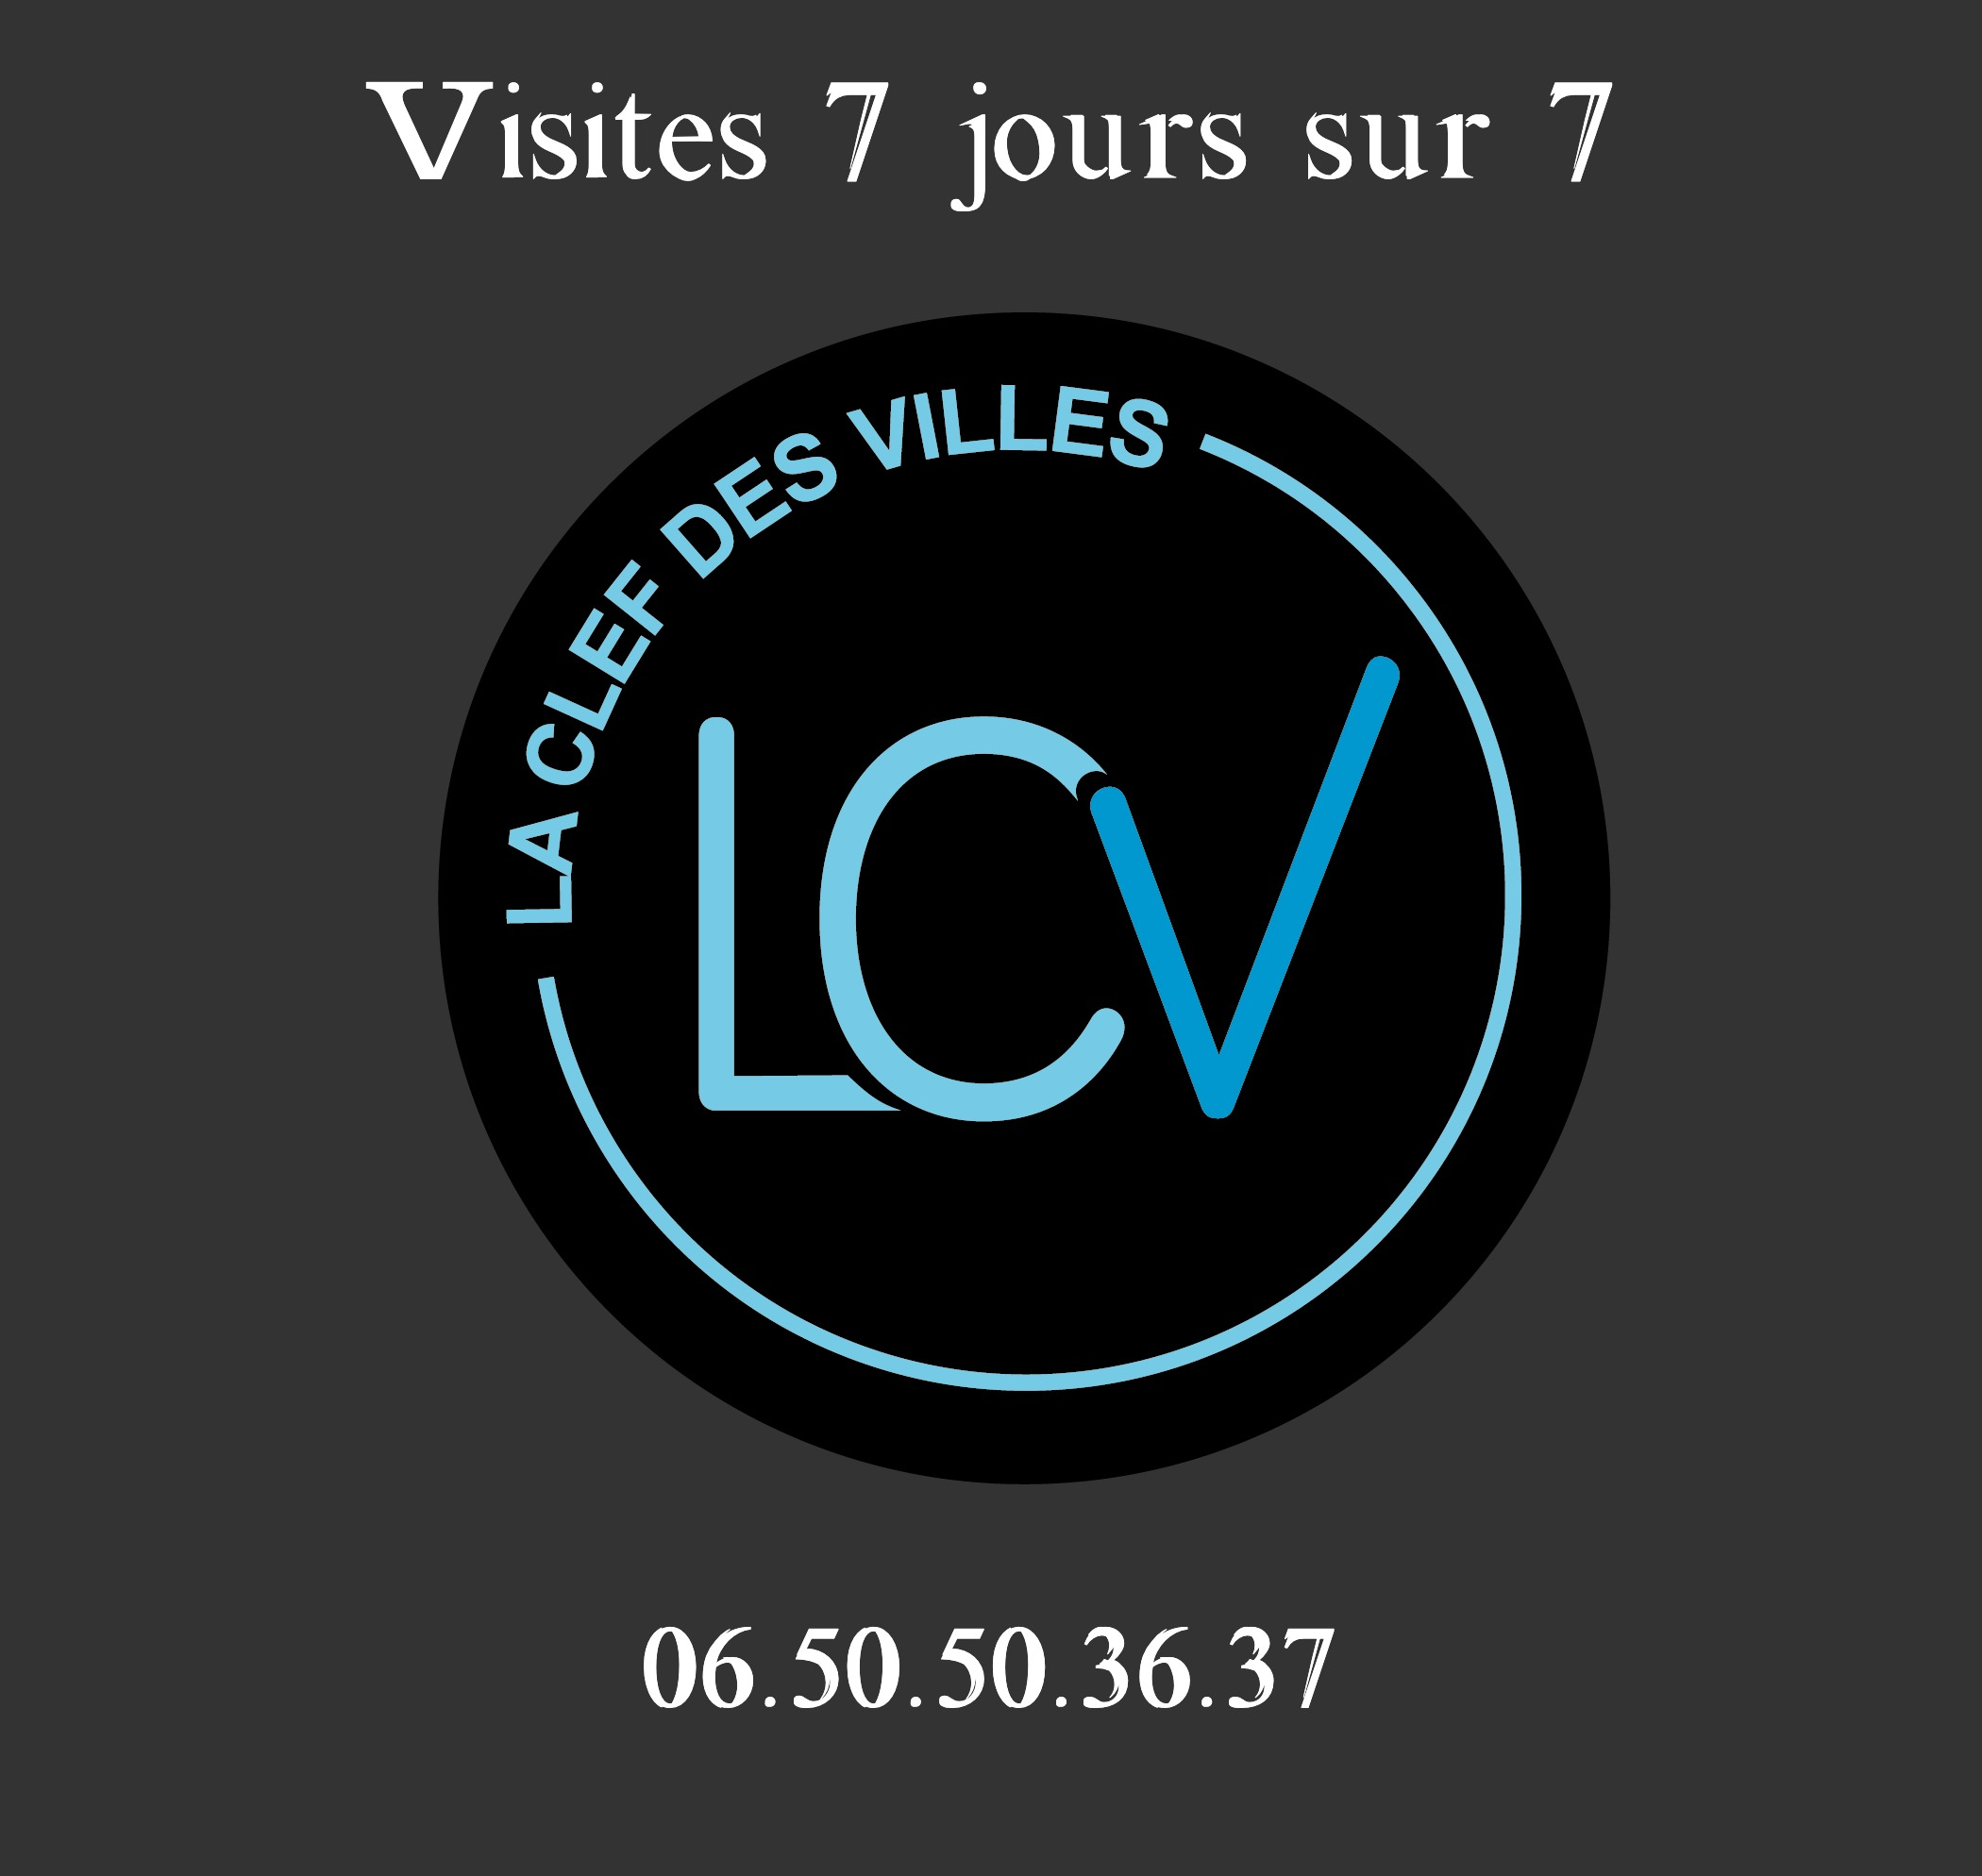 8.logo-balcon-a-vendre-paris-16-la-clef-des-villes-agence-immobiliere-off-market